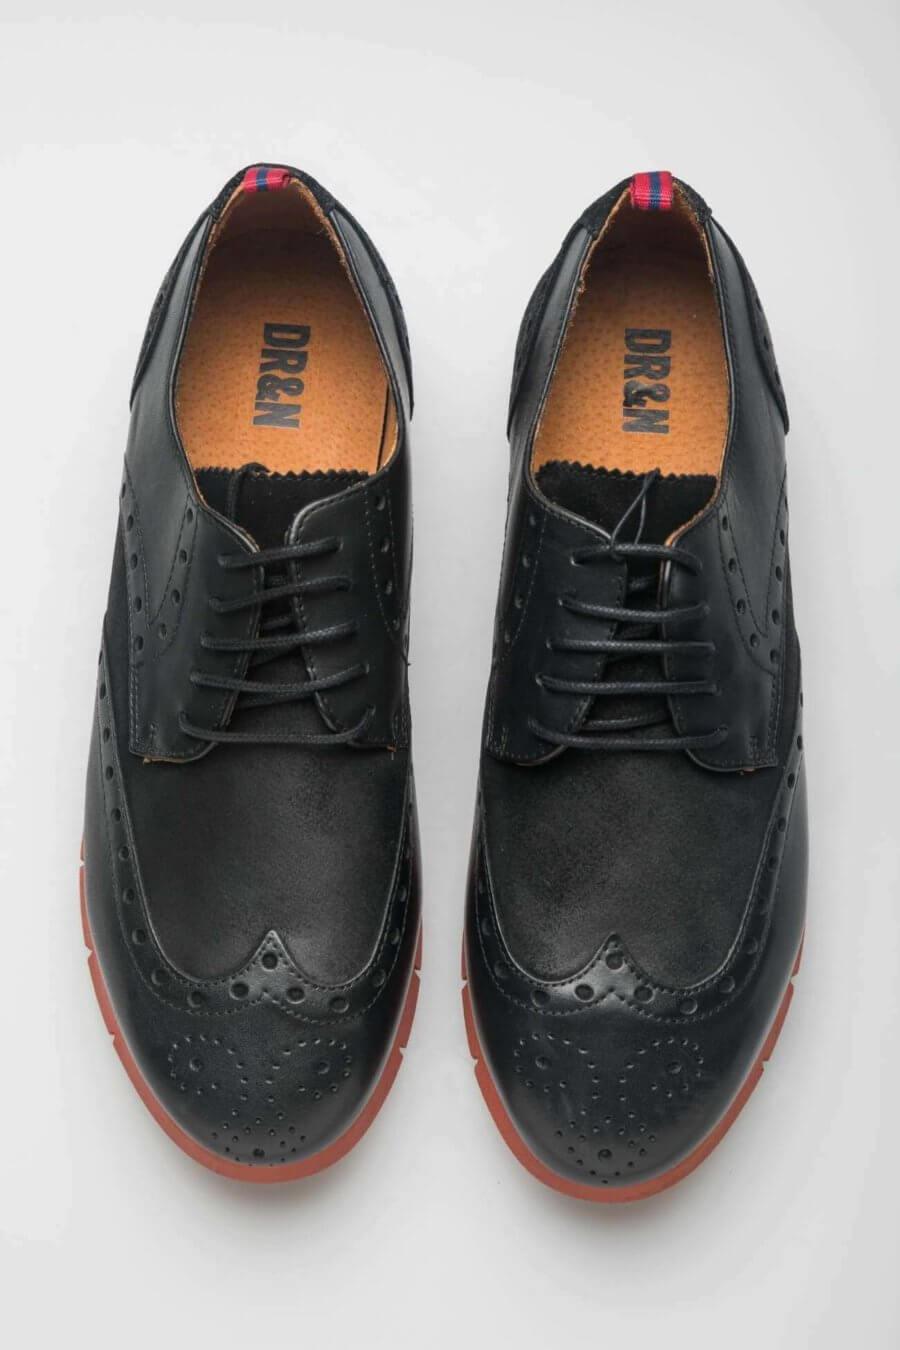 Zapato suela roja